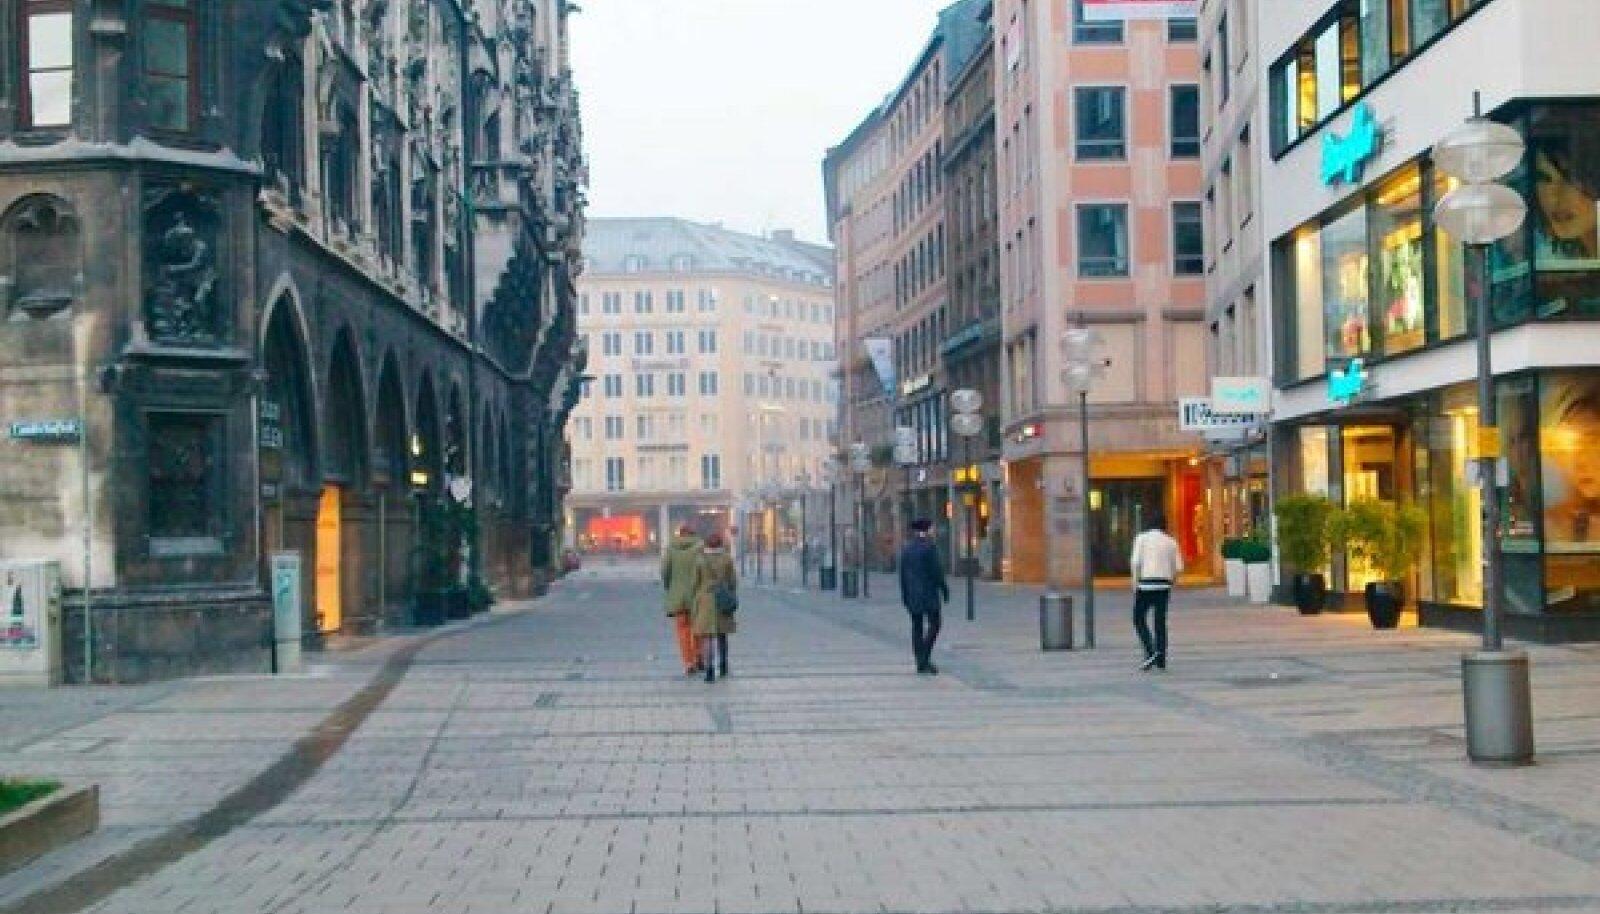 Pariisi ja Rooma vahel: Münchenis teritasid oma meeli möödunud sajandi alguses Vabbe, Raud ja Triik. (Gert Raudsep)